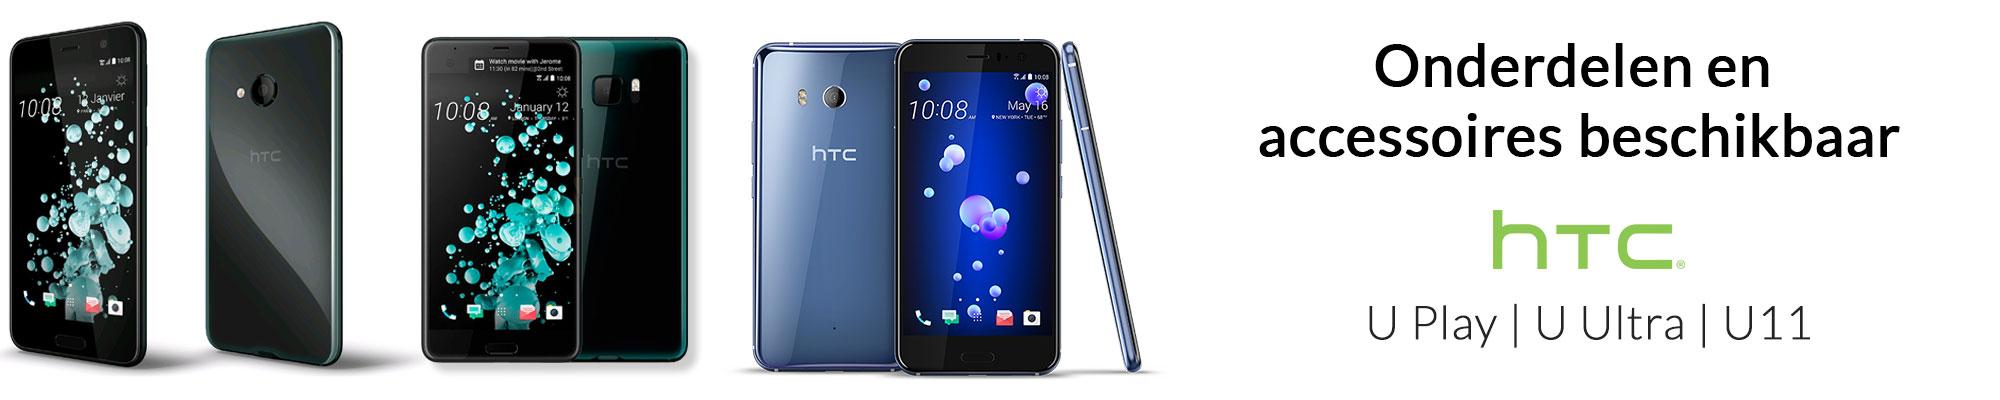 Nieuwe onderdelen en accessoires voor de HTC U Play, U Ultra en U11